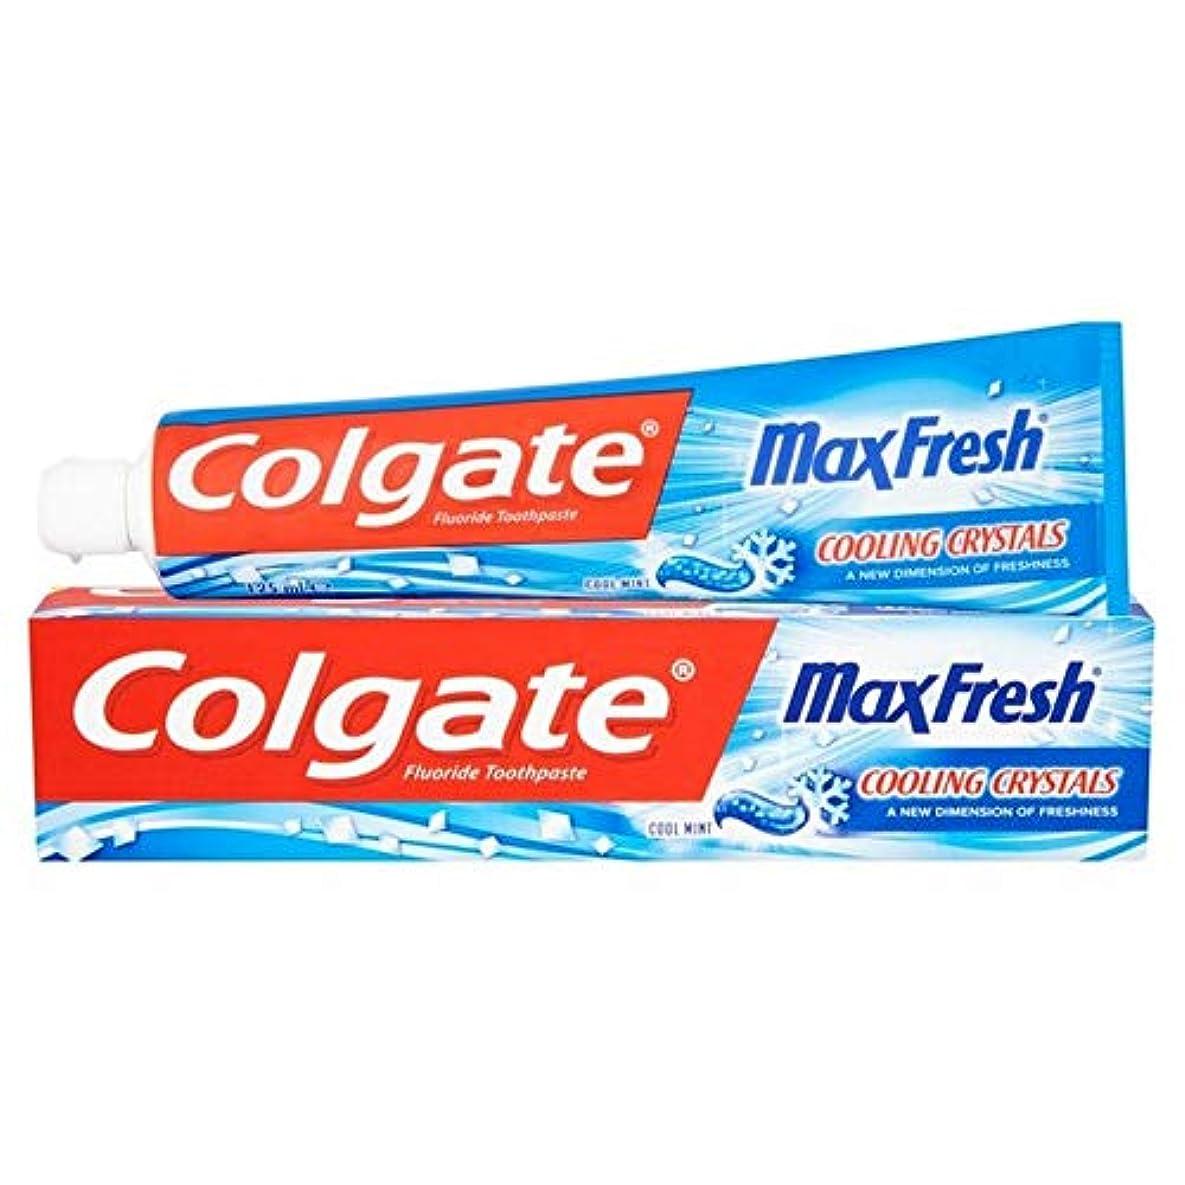 先入観他にめ言葉[Colgate ] 冷却結晶歯磨き粉の125ミリリットル新鮮なコルゲートマックス - Colgate Max Fresh with Cooling Crystals Toothpaste 125ml [並行輸入品]